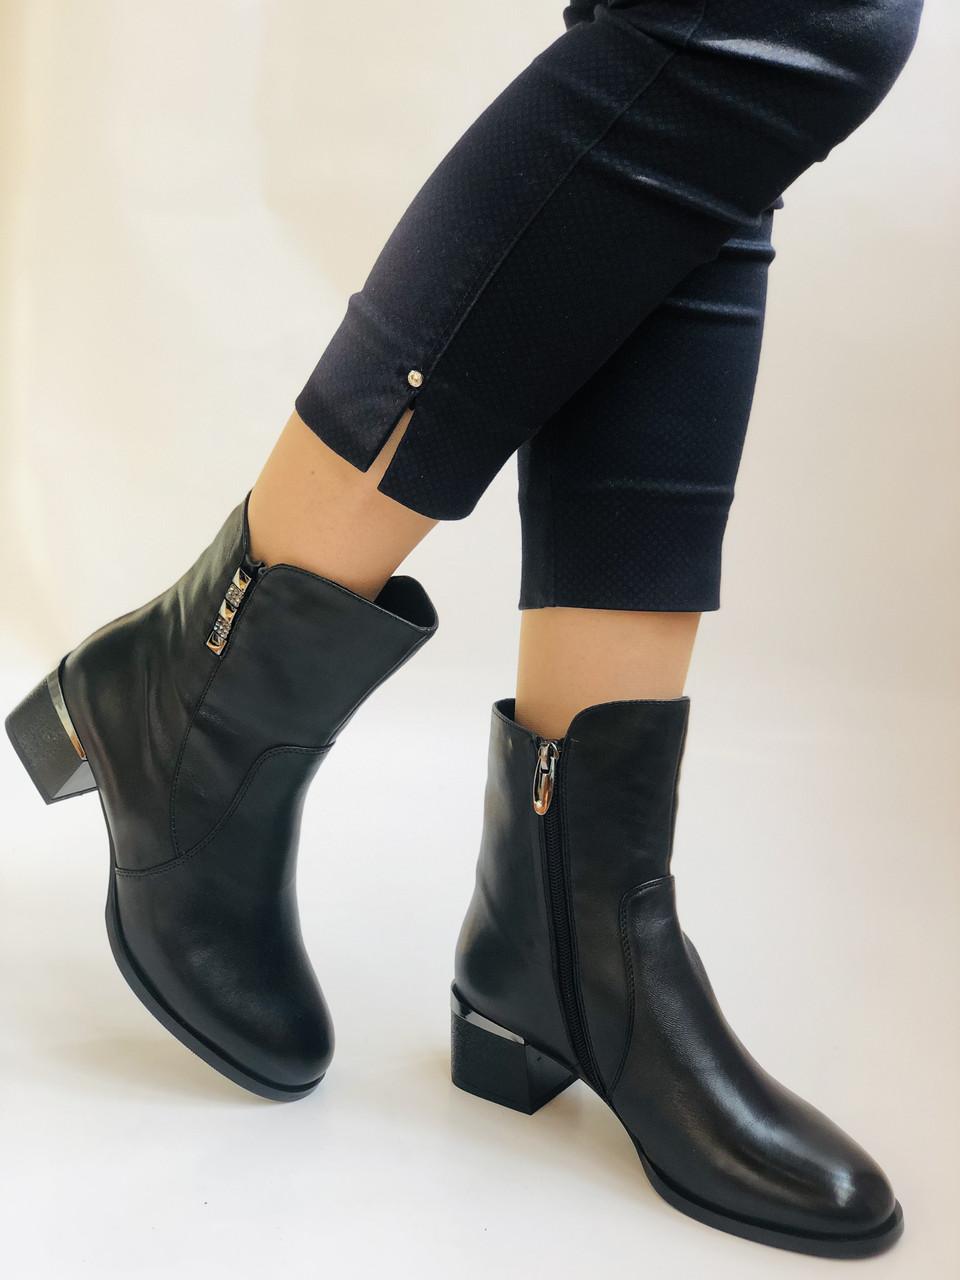 Жіночі черевики. На середньому каблуці. Натуральна шкіра.Висока якість. Polann. Р. 36, 38,39, 40.Vellena